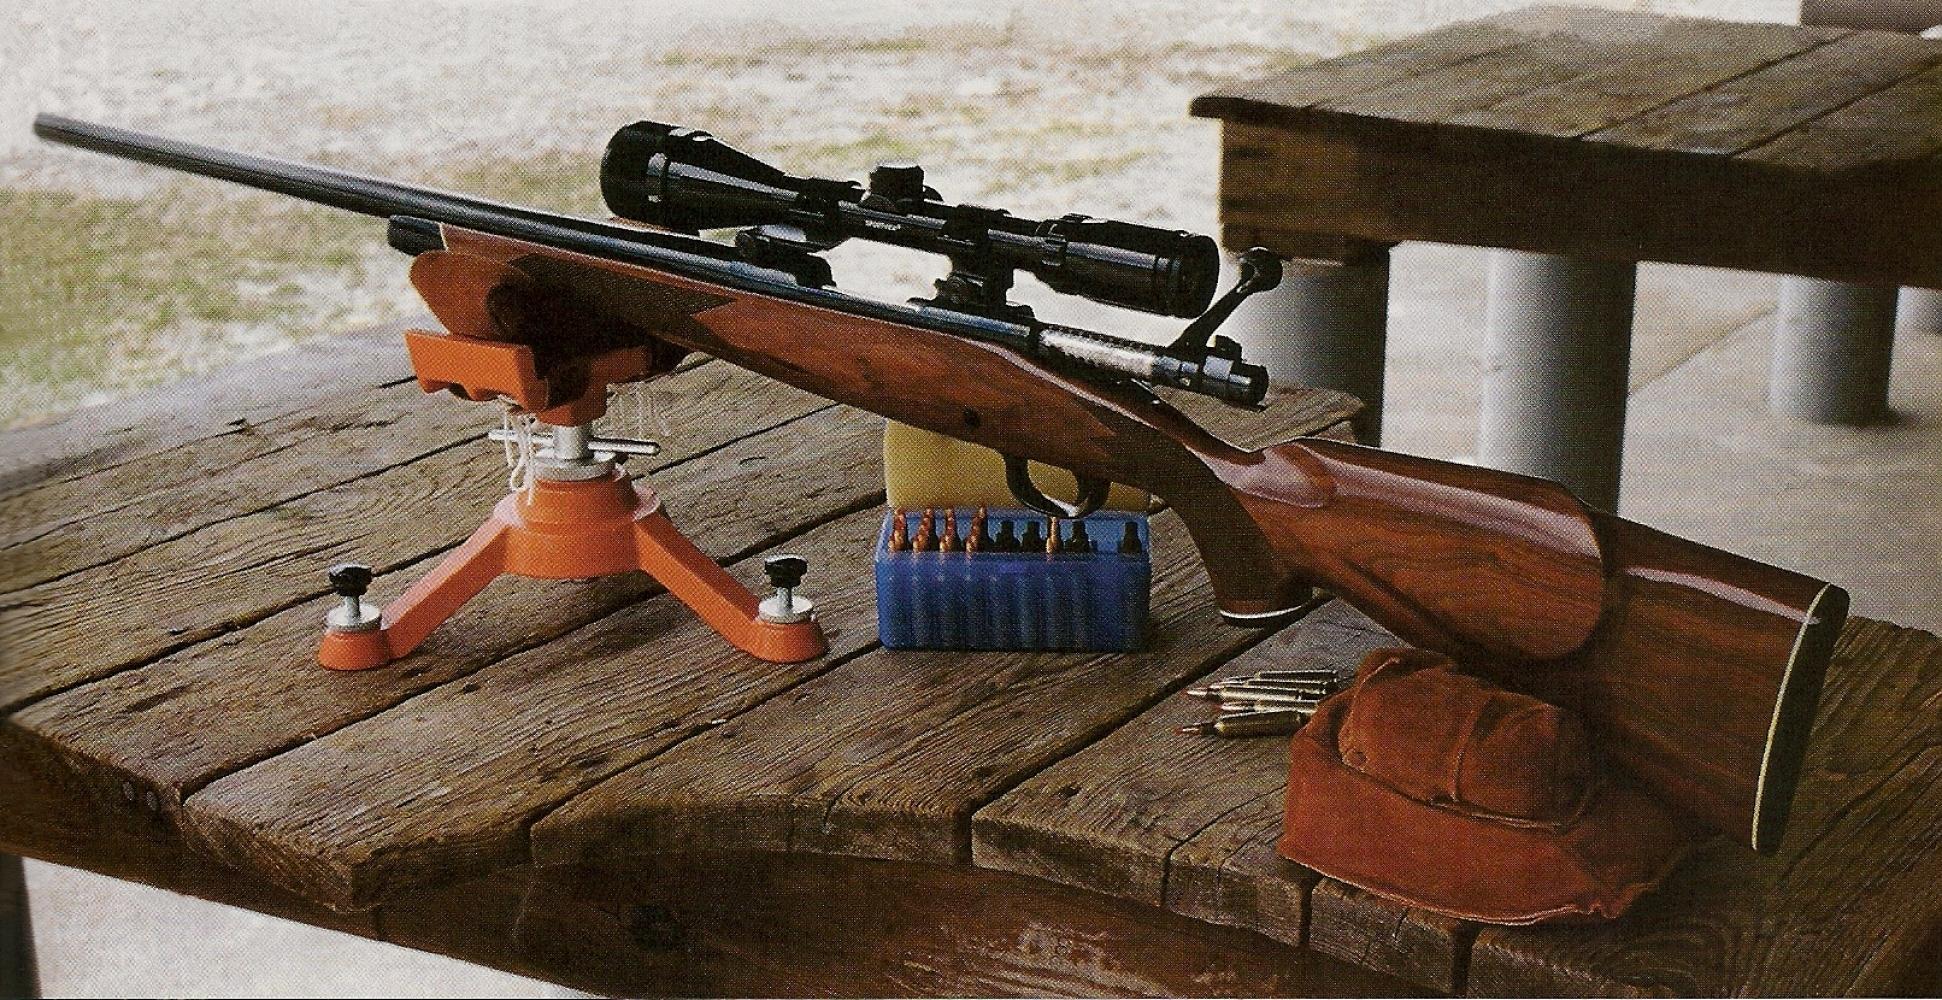 La Winchester 70 Heavy Varmint XTR de notre test reçoit une lunette Bushnell Sportview 4-12 x 40, un modèle à grossissement variable économique mais d'excellente qualité. Ainsi équipée, l'arme accuse un poids de 4,870 Kg sur la balance.